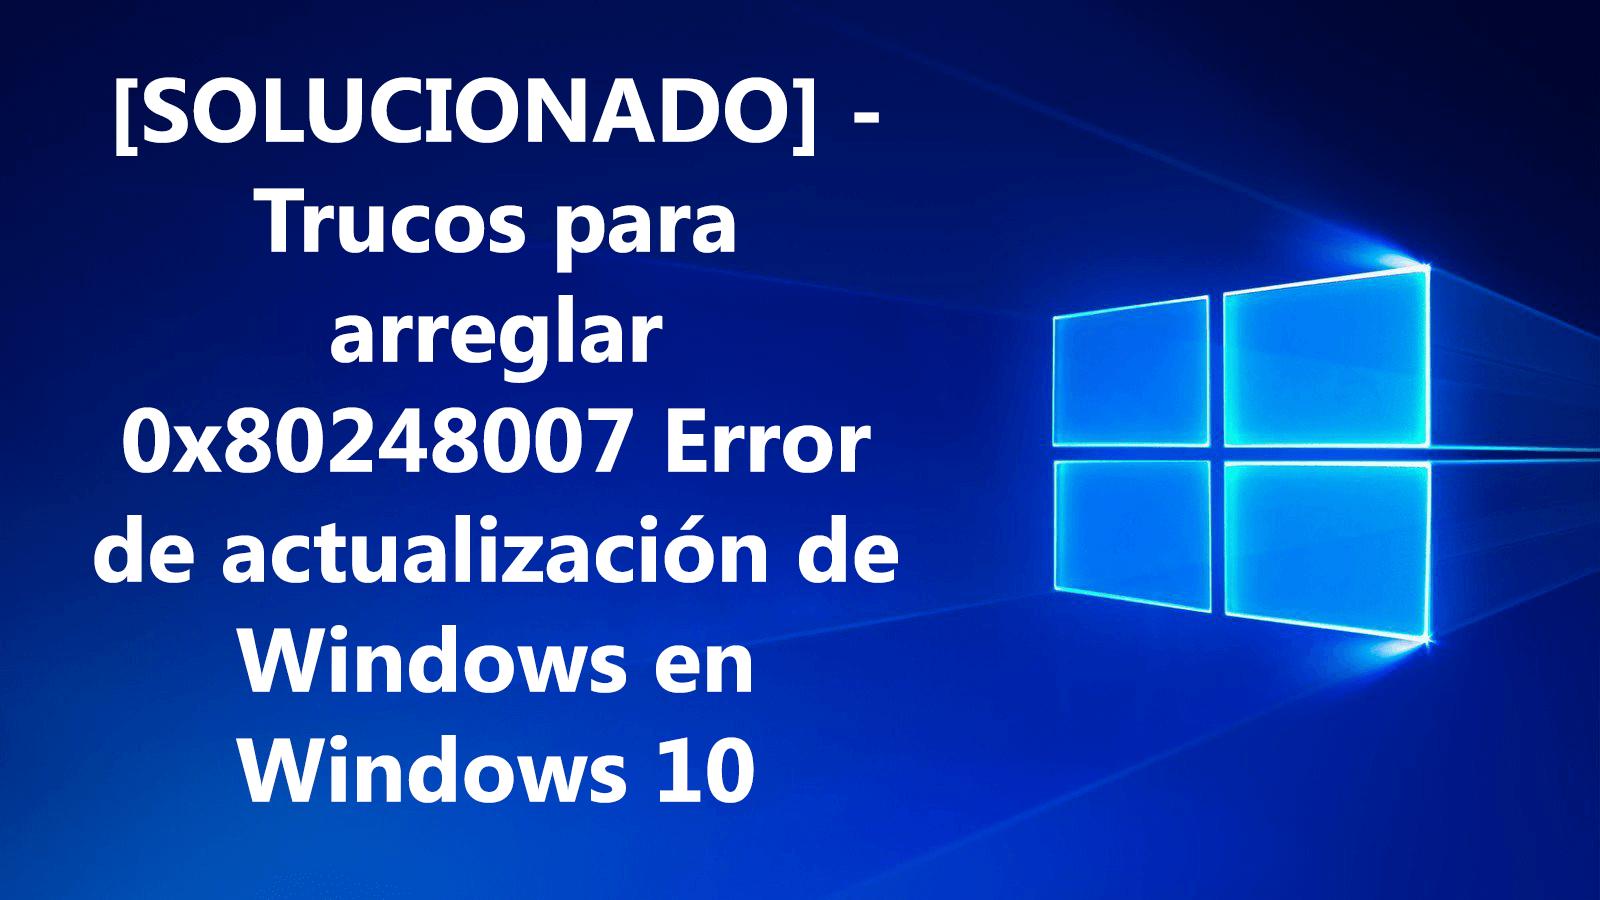 Repare 0x80248007 error en Windows 10